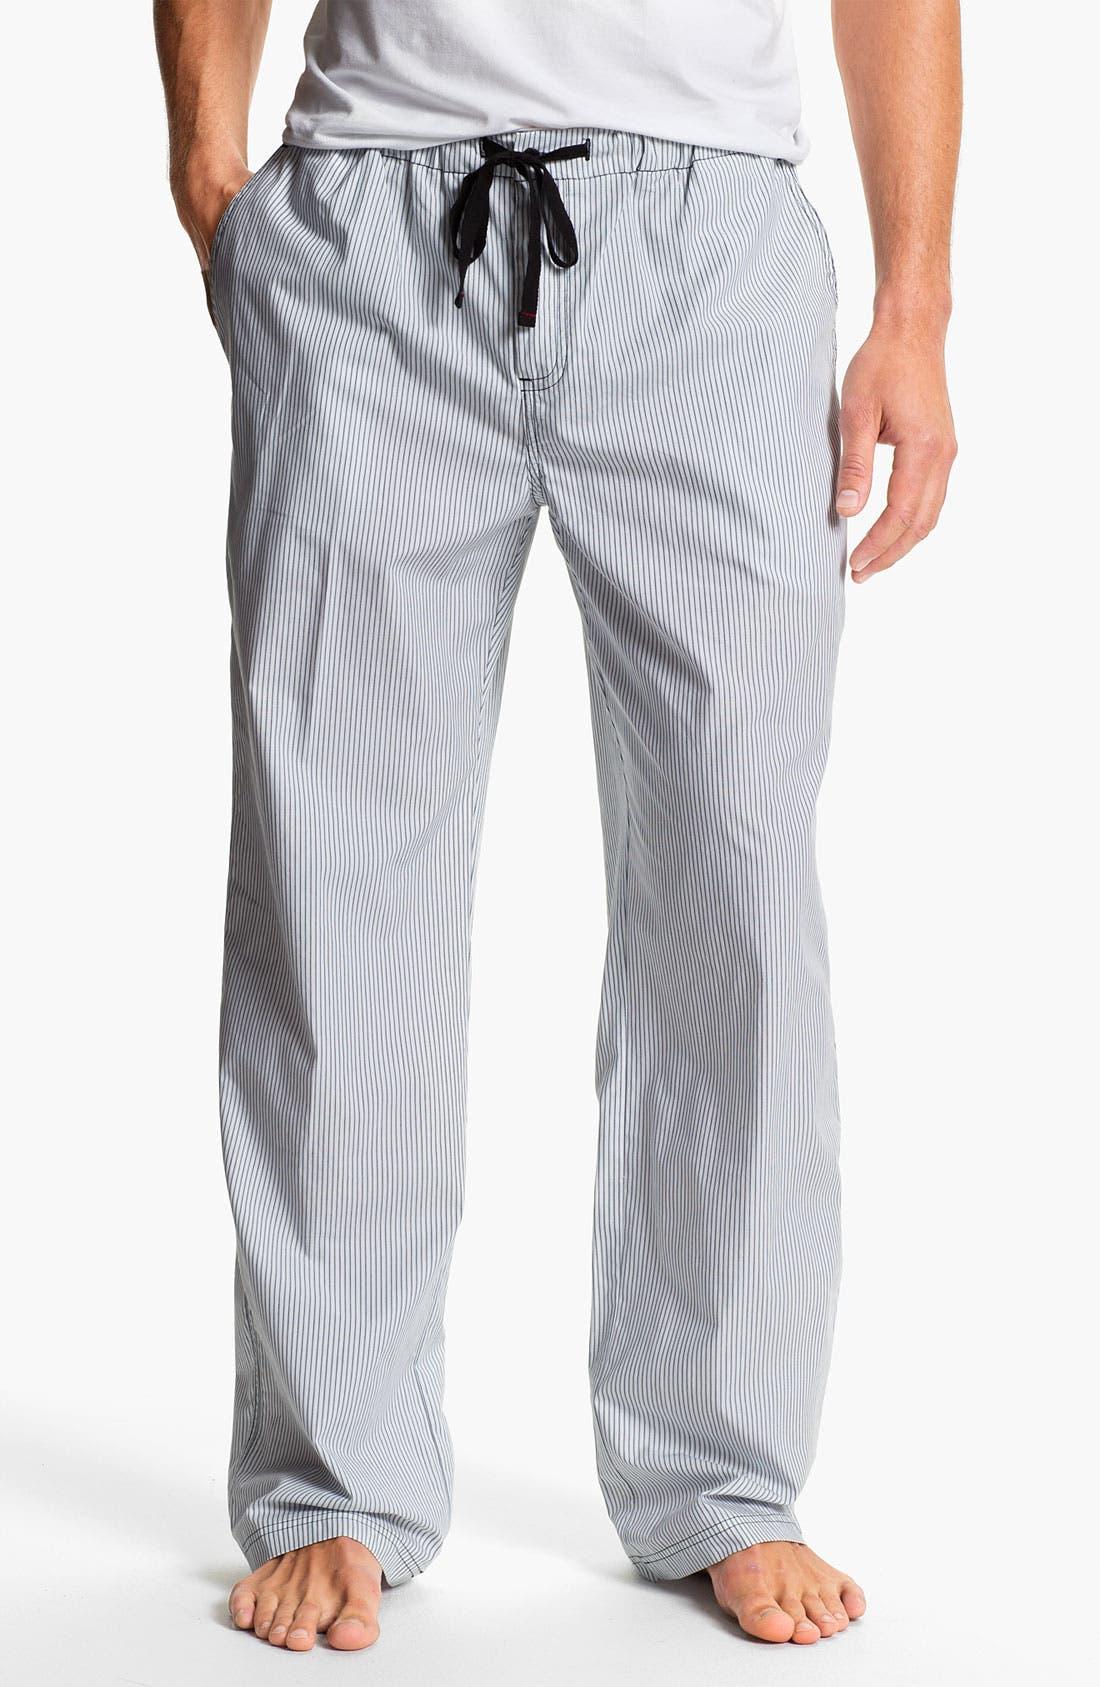 Main Image - Daniel Buchler Woven Cotton Lounge Pants